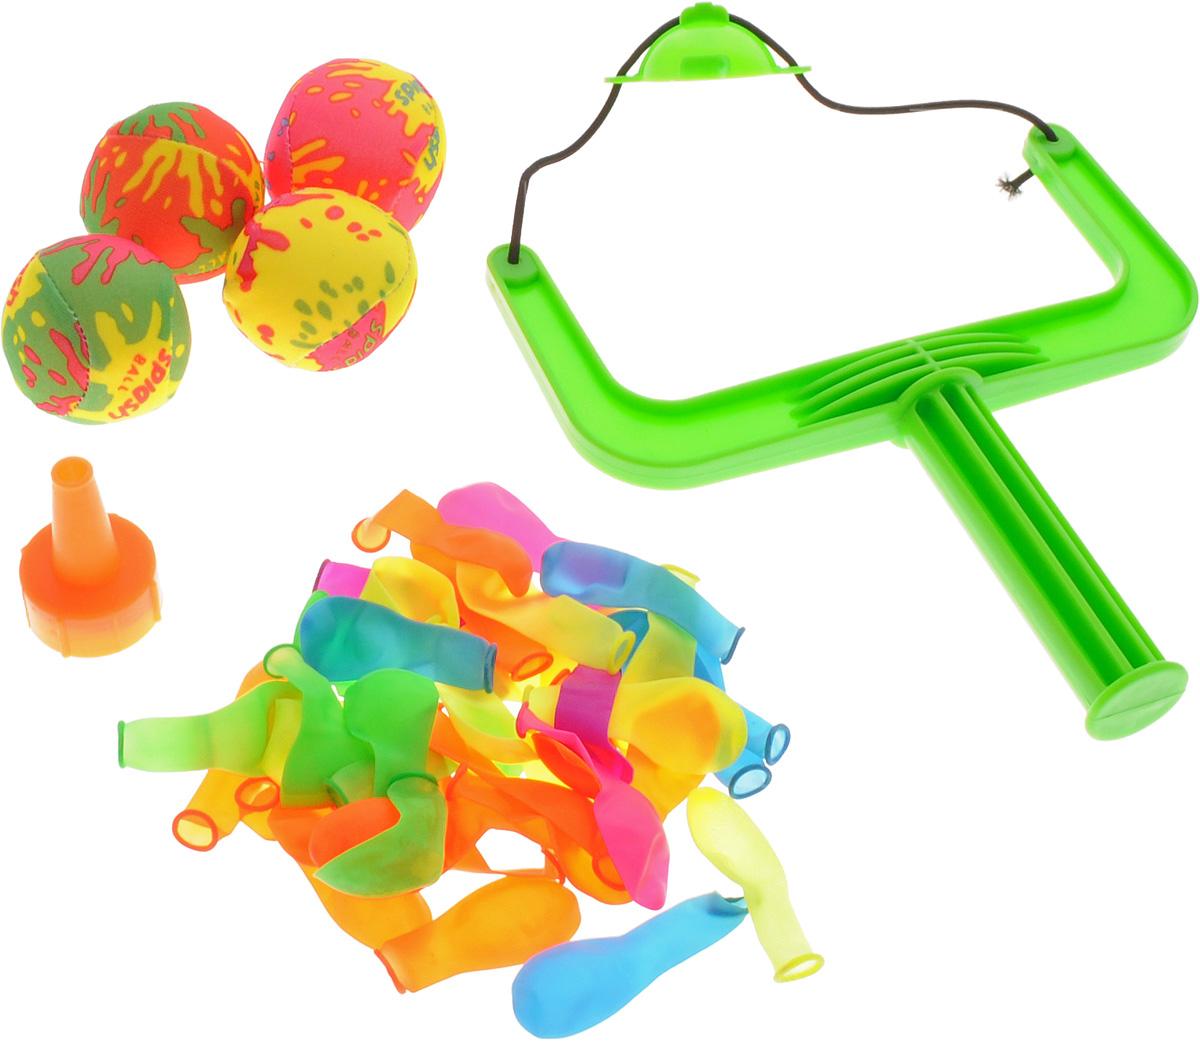 YG Sport Игровой набор Водяные бомбочки цвет зеленыйYG16YИгровой набор YG Sport Водяные бомбочки станет любимым развлечением детишек на природе, а для быстрого наполнения и метания чудо-бомбочек в комплекте предусмотрены аксессуары. Подготовить чудо-бомбочку довольно просто: наполнить шарик водой, используя воронку, завязать и выстрелить из рогатки в выбранную мишень. С помощью этого игрового набора можно разнообразить пляжный отдых или же освежиться, играя на даче или пикнике. Новое игровое приобретение настроит деток на положительный эмоциональный фон и благоприятно воздействует на развитие меткости и ловкости. Все элементы набора выполнены из качественных и гипоаллергенных материалов, абсолютно безопасных для детской игры.